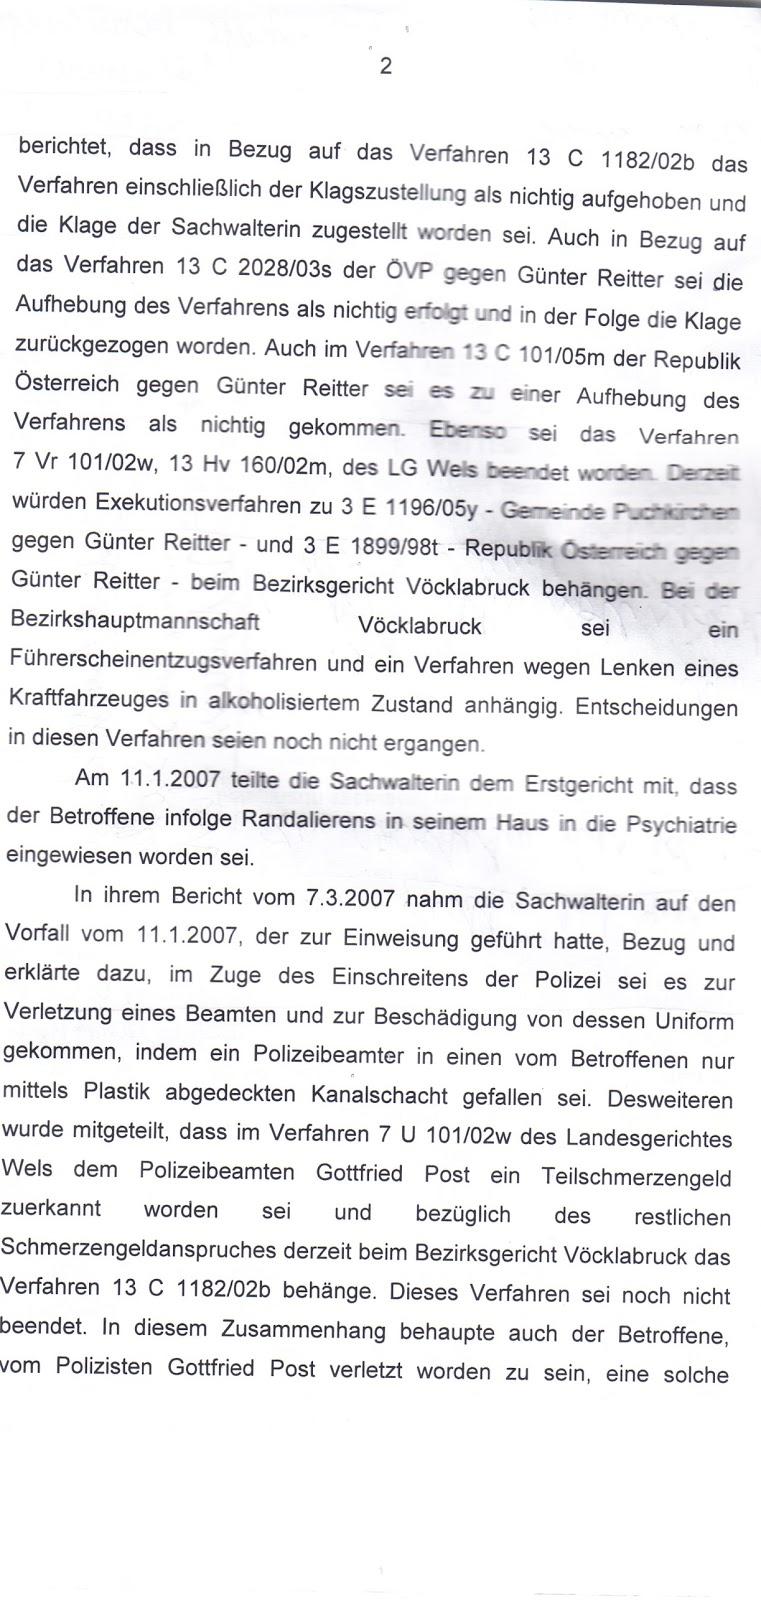 Rechtsmissbrauch Im Amt Zum Vorfall 12 1 2007 Gerichtsprotokoll